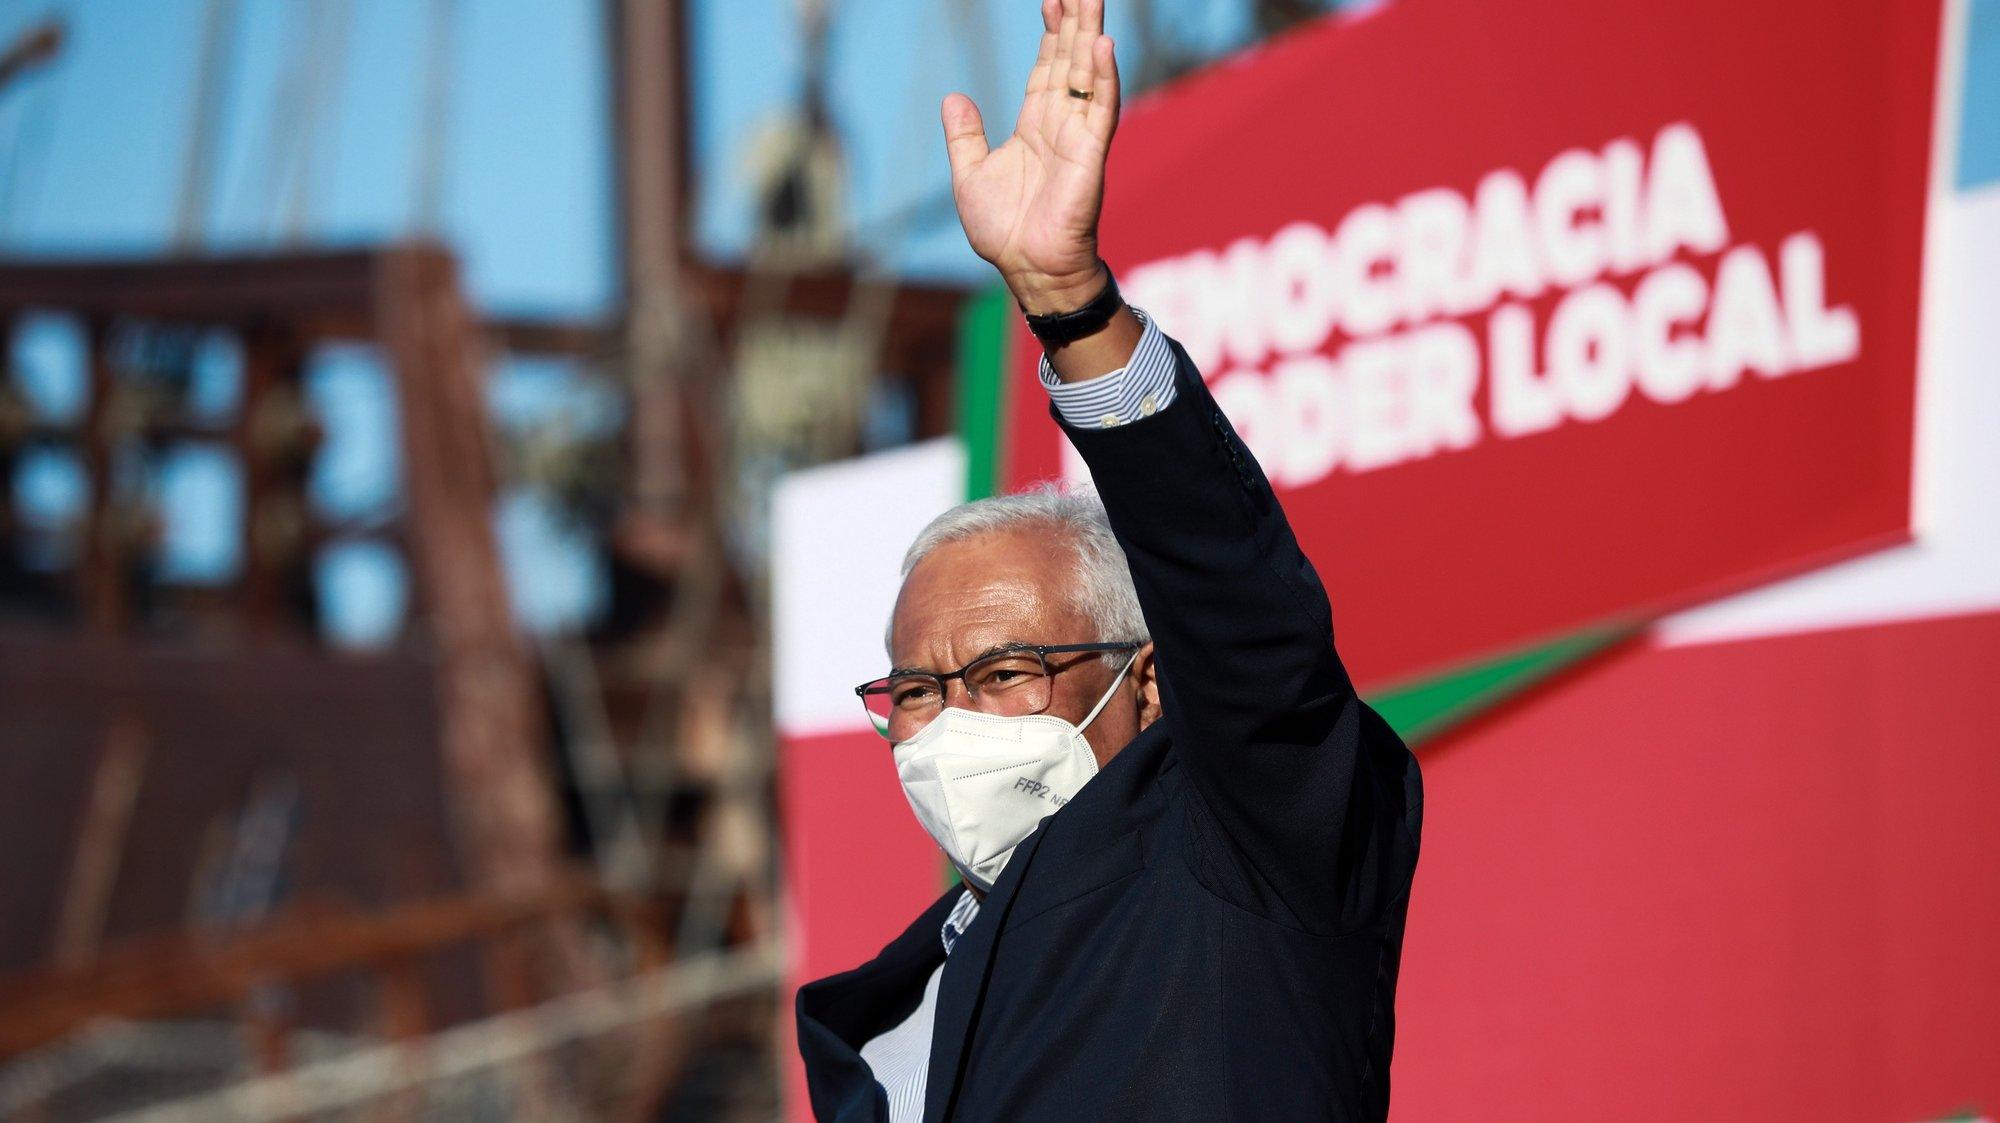 O secretário-geral do Partido Socialista (PS), António Costa, discursa durante a apresentação dos candidatos autárquicos do distrito do Porto, em Vila do Conde, 30 de julho de 2021. ESTELA SILVA/LUSA